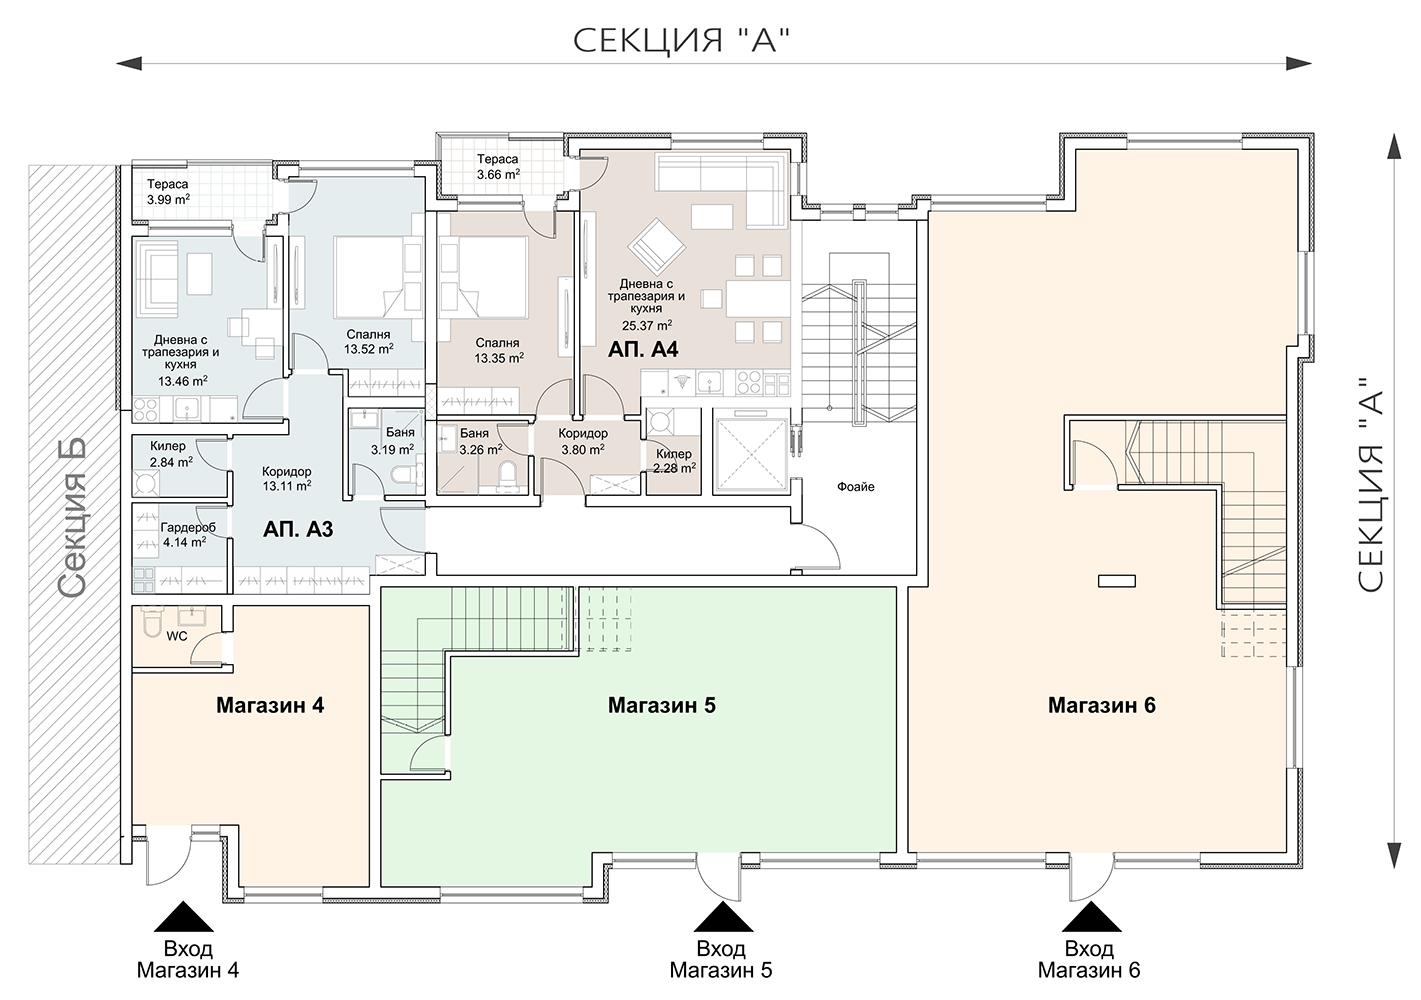 Сграда 8, вход А, ет. 2